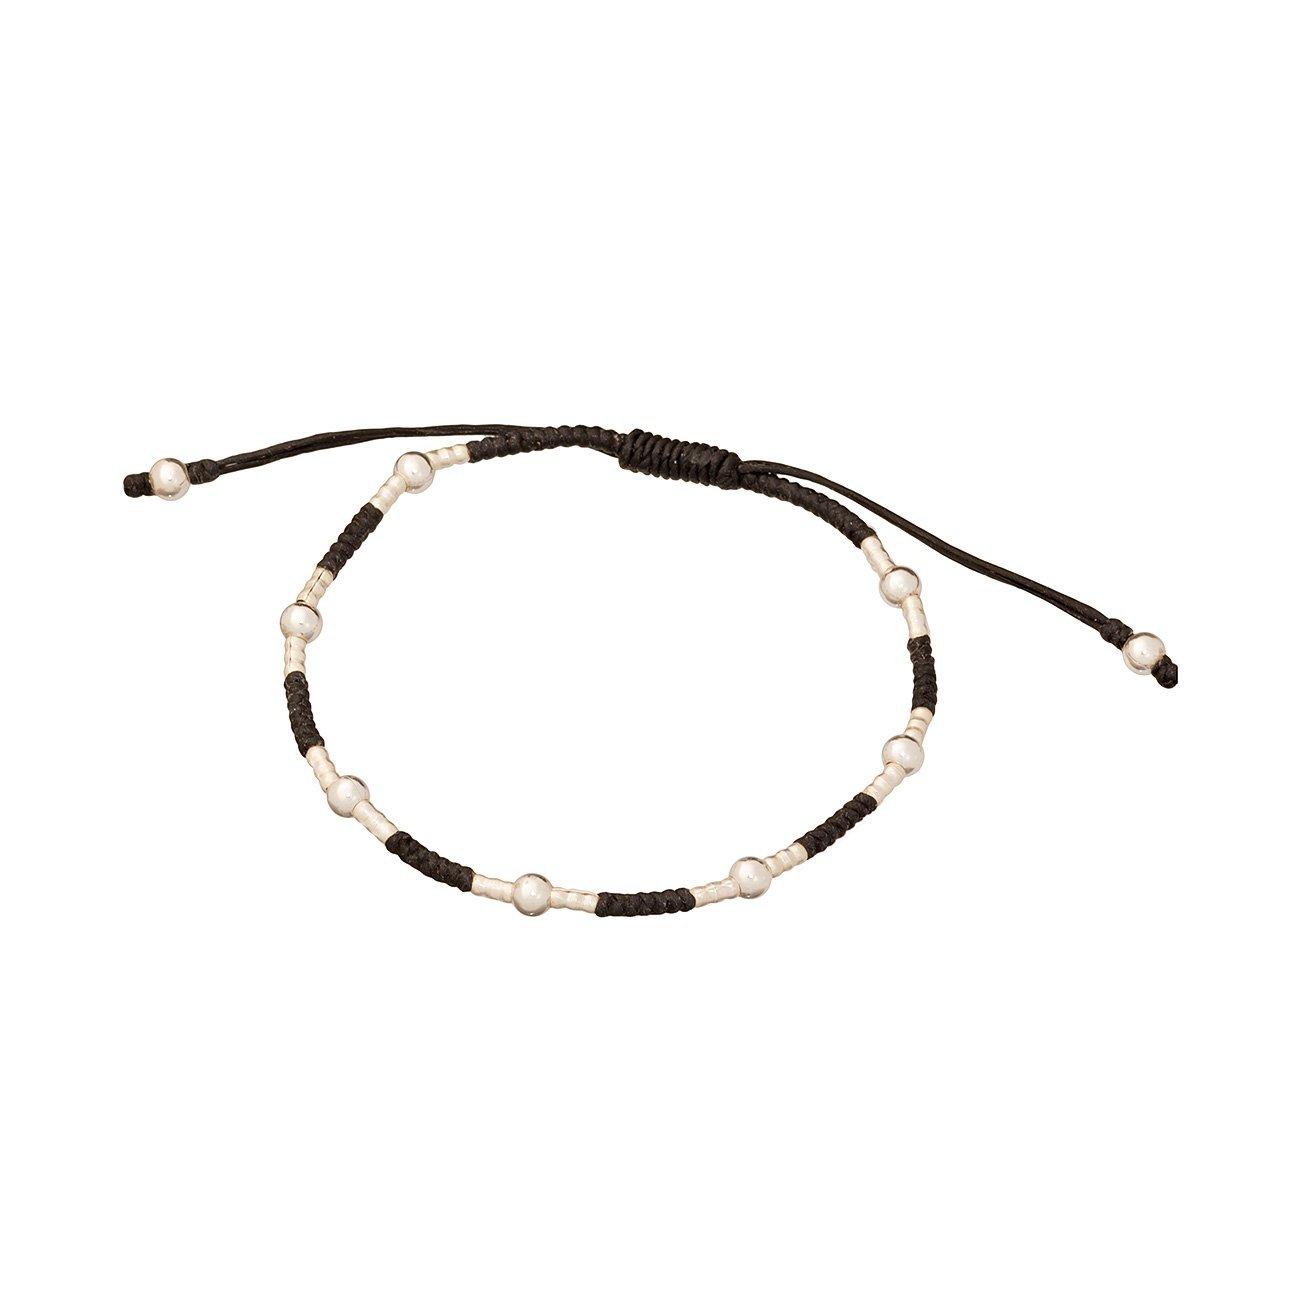 Simple Bracelet Adjustable Dark Blue Waxed Cord Friendship Unisex Bracelet or Anklet